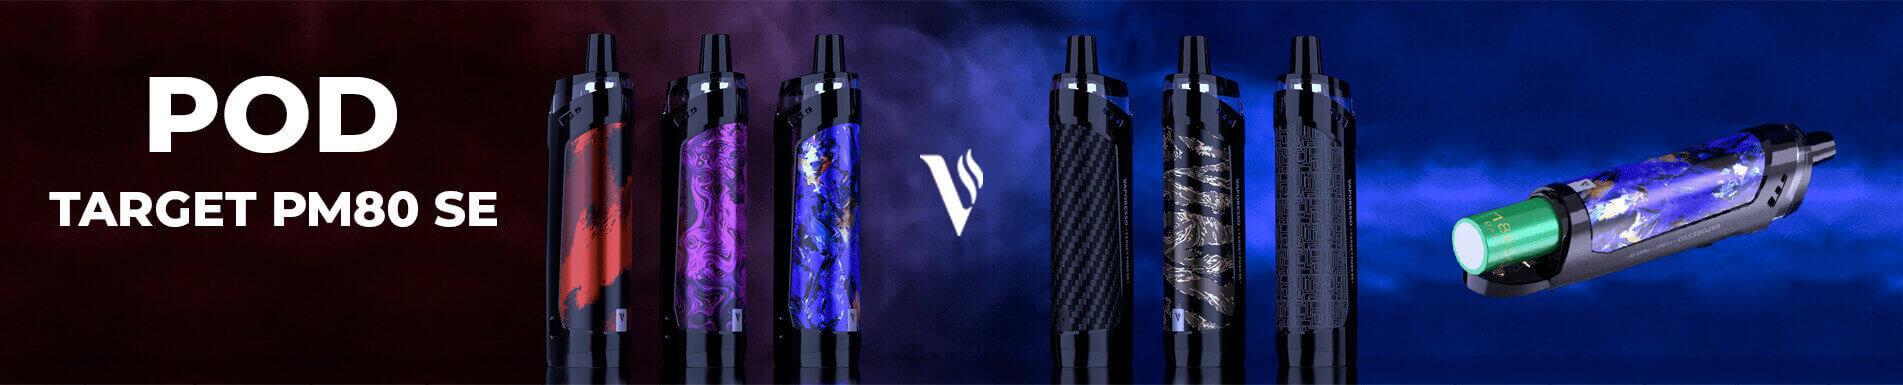 Kit cigarette électronique pod PM80 SE Vaporesso